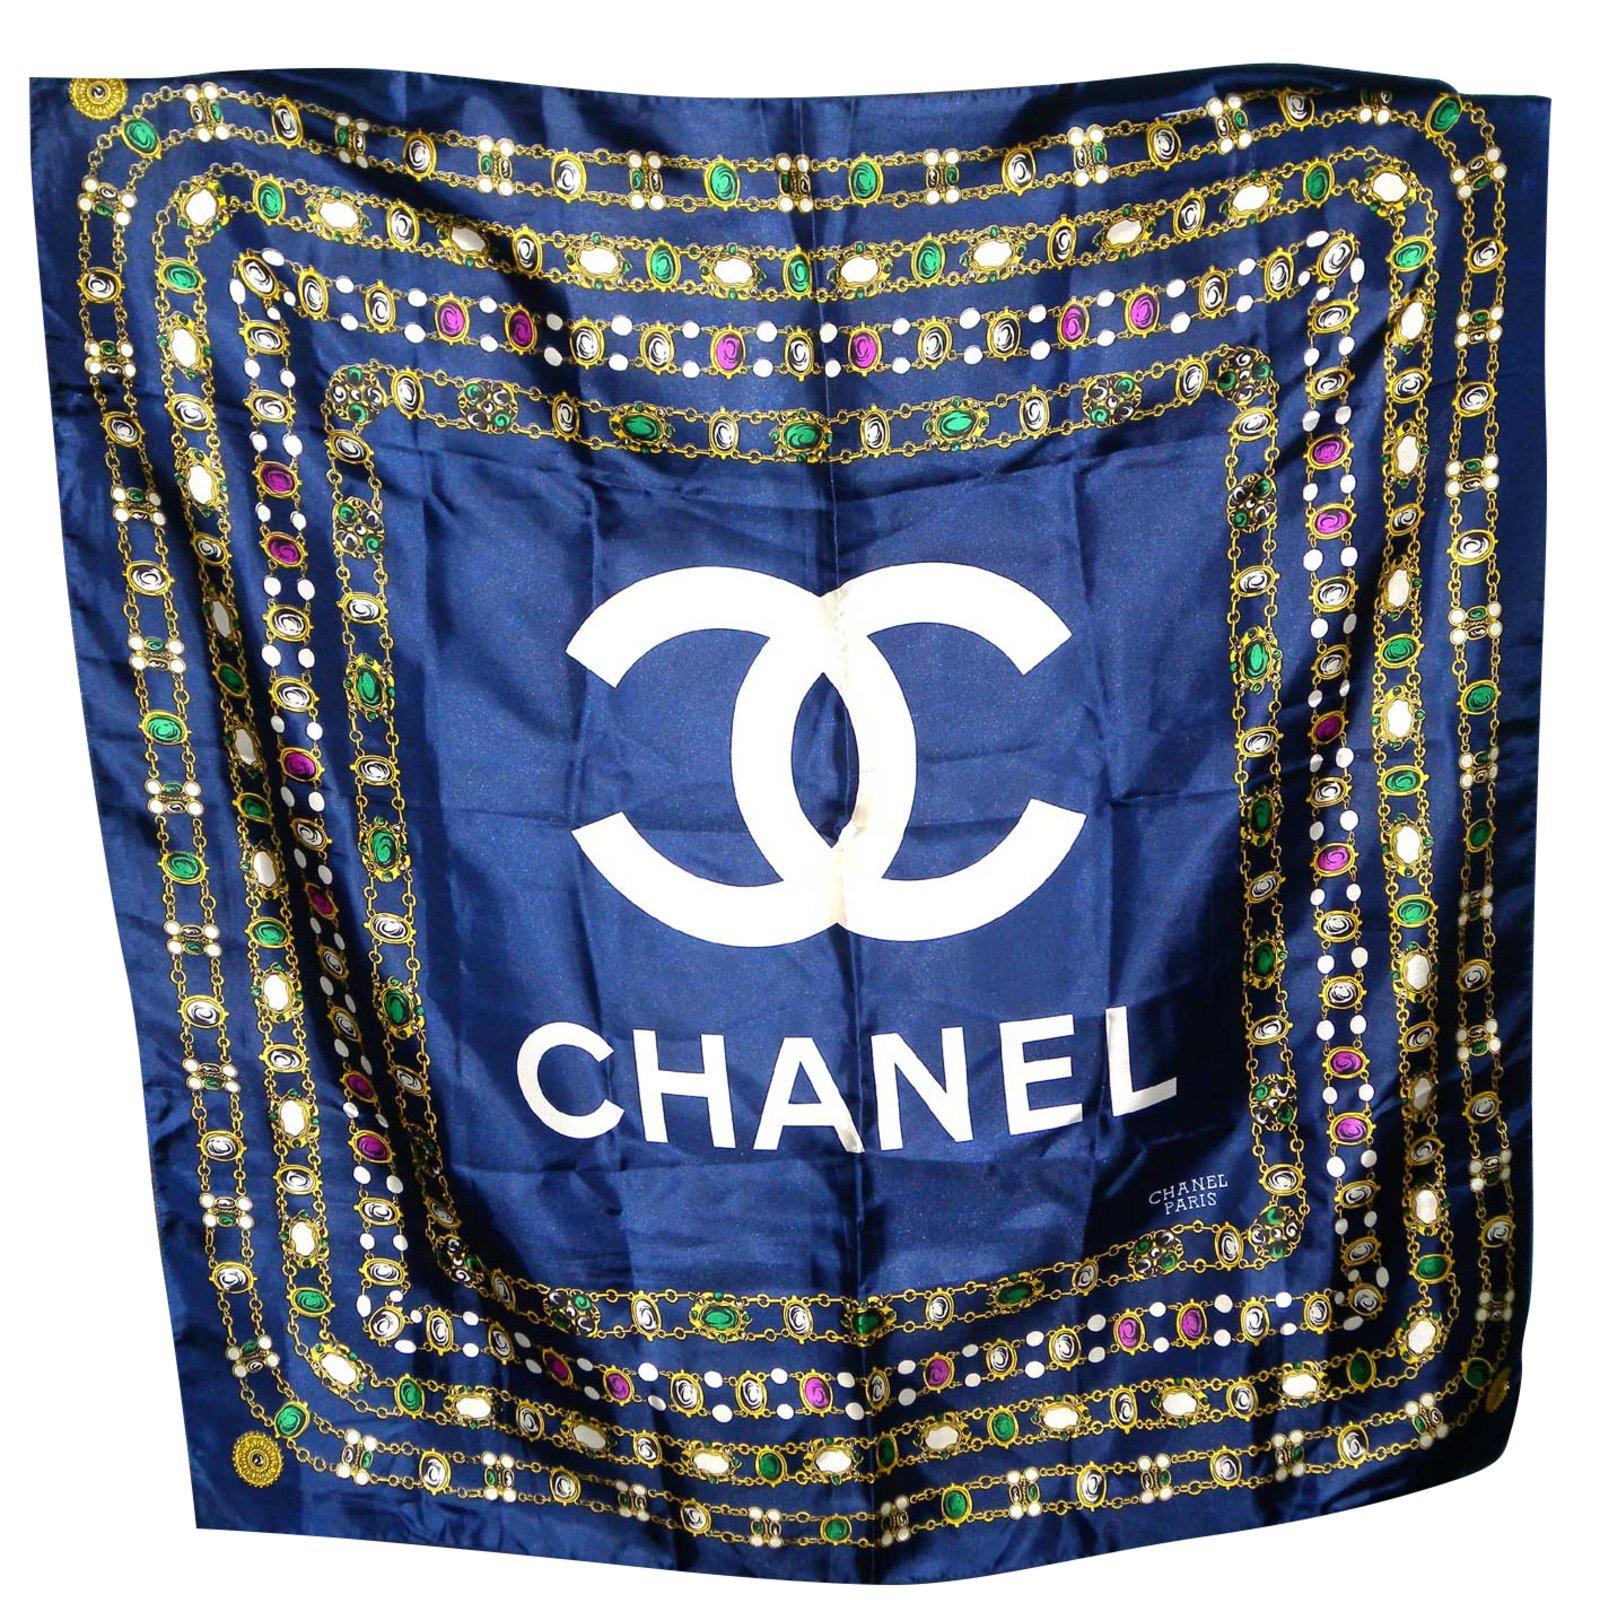 Carrés Chanel Carré Soie Bleu Marine ref.51256 - Joli Closet c538e8ff083